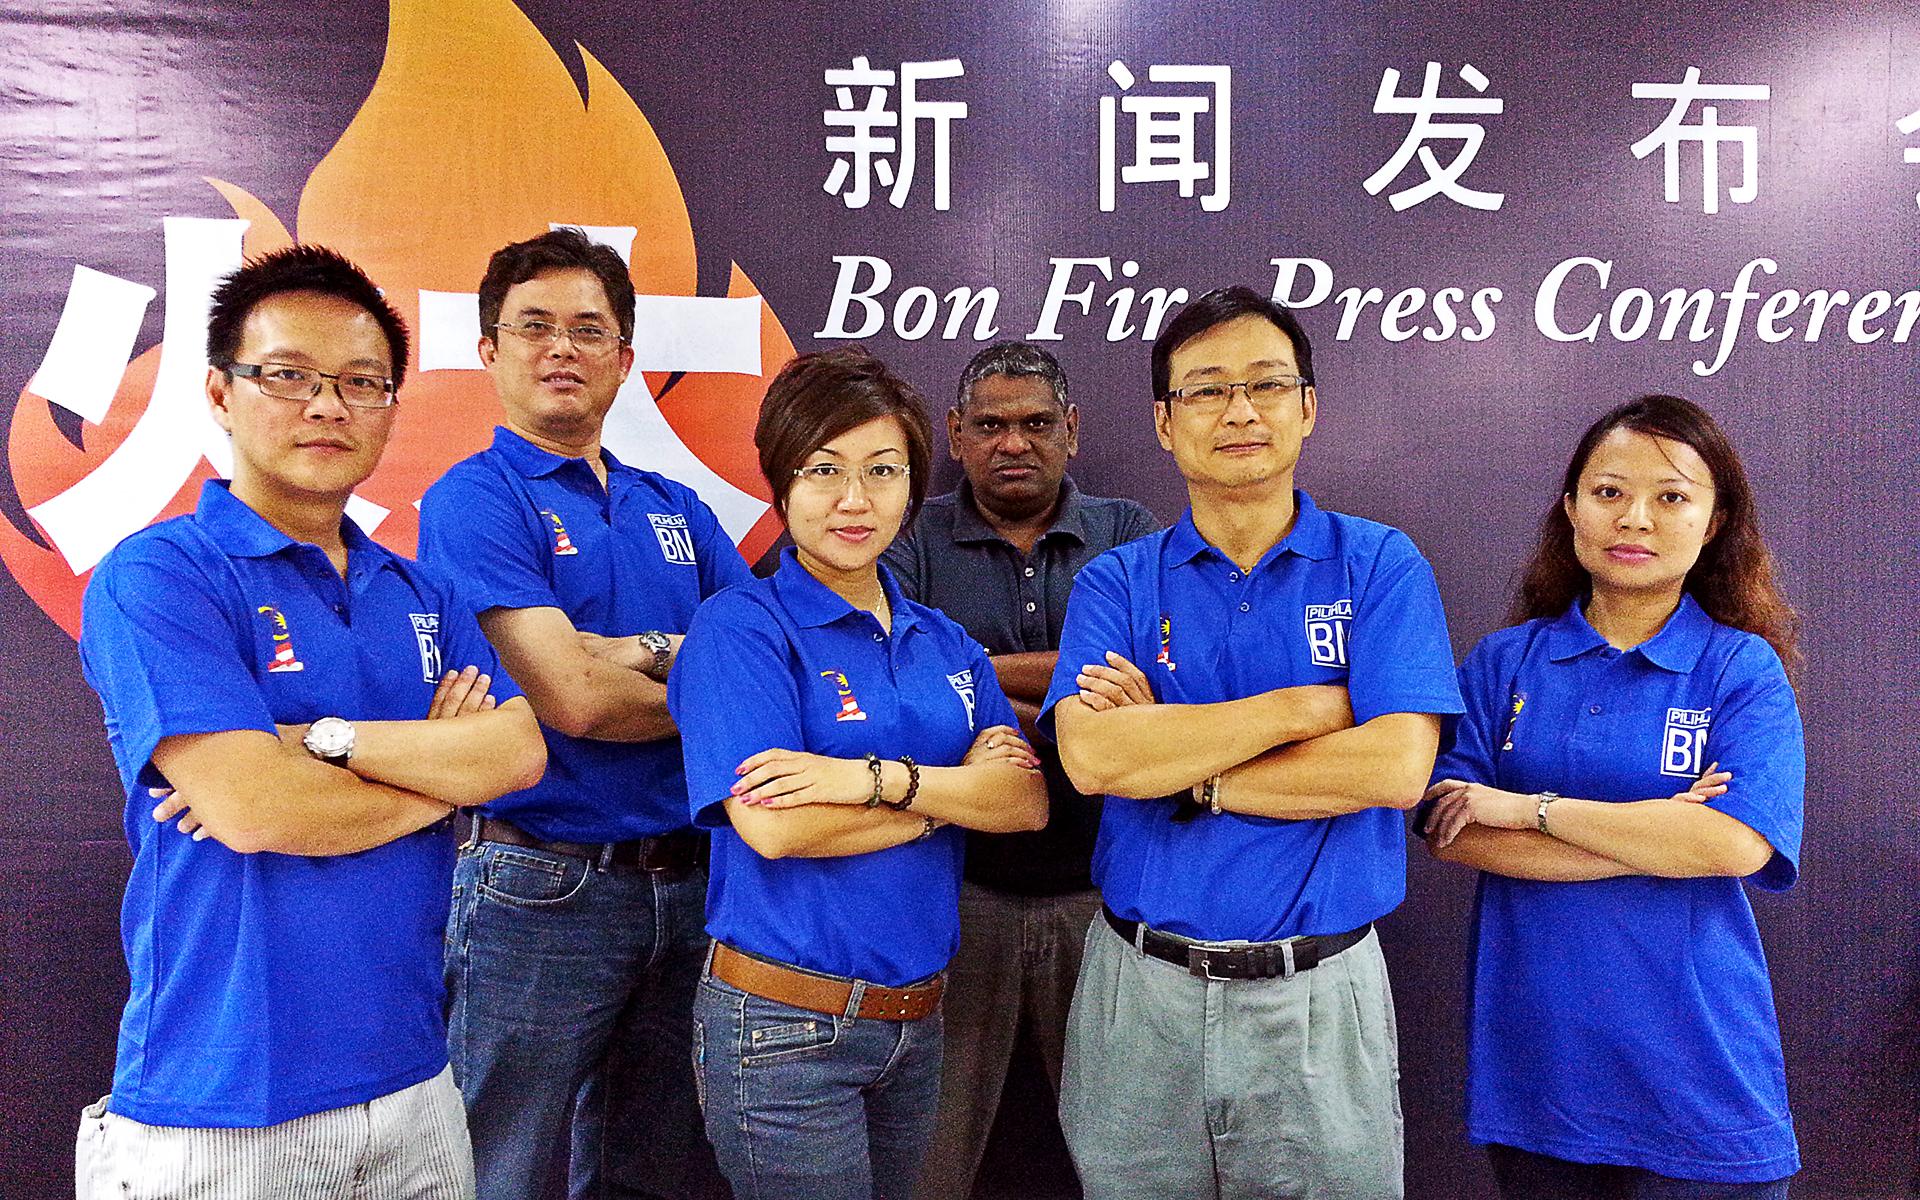 Bon Fire Team